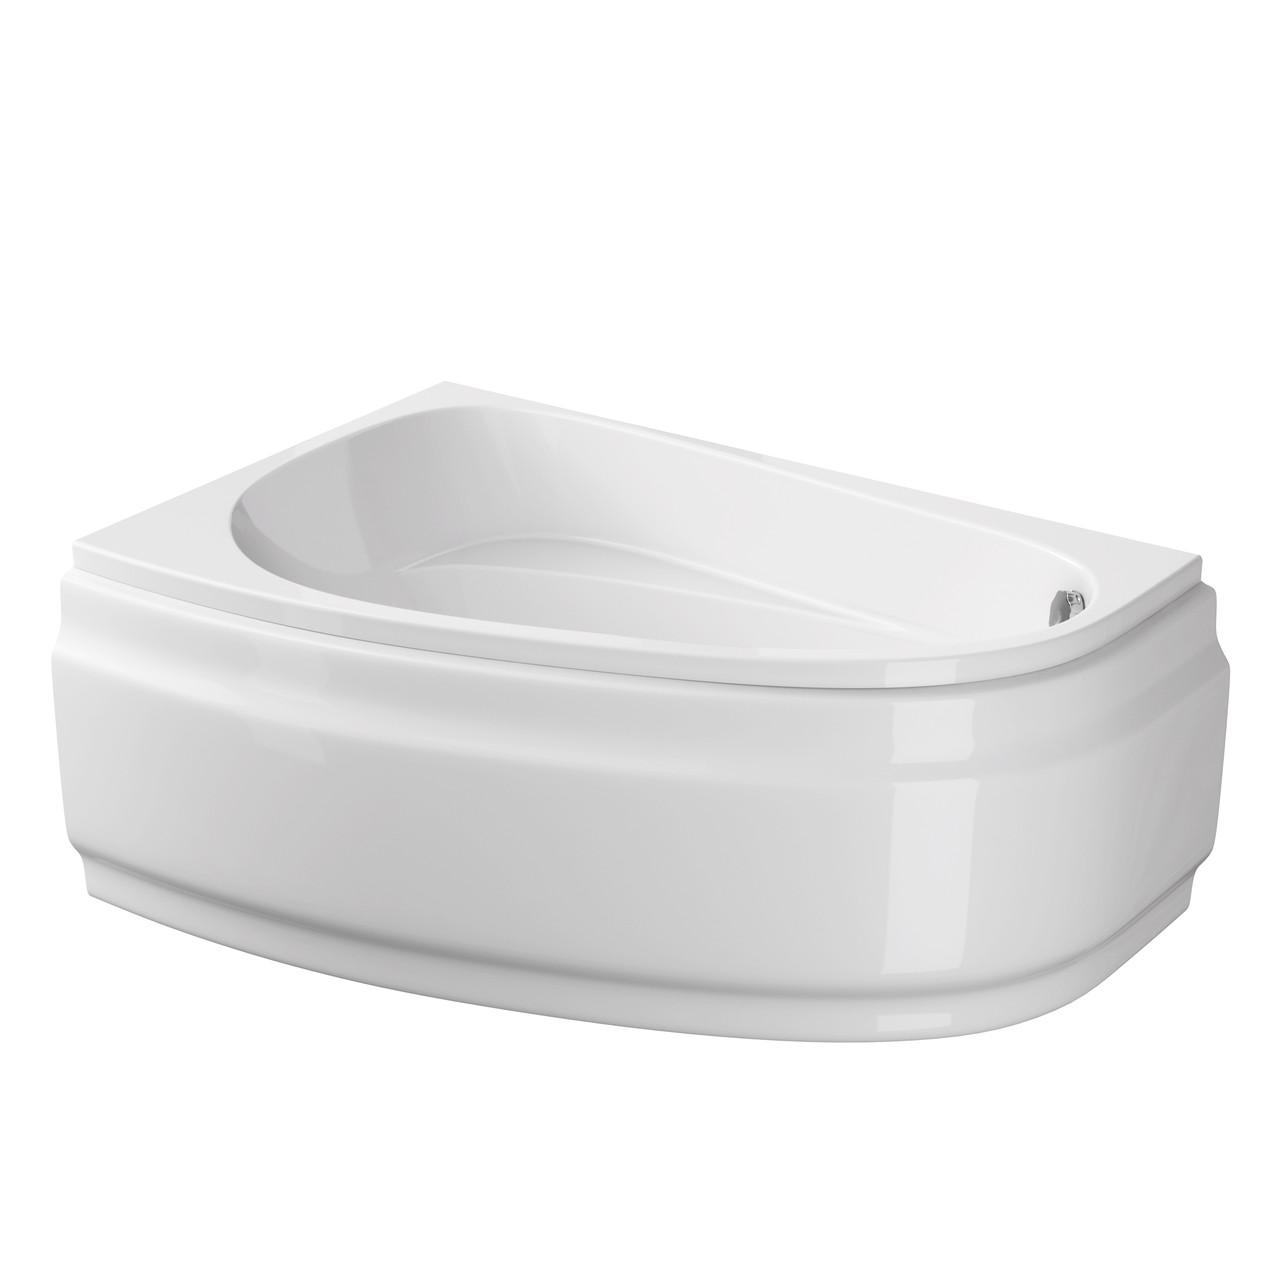 Лицевая панель к акриловой ванне Cersanit Joanna